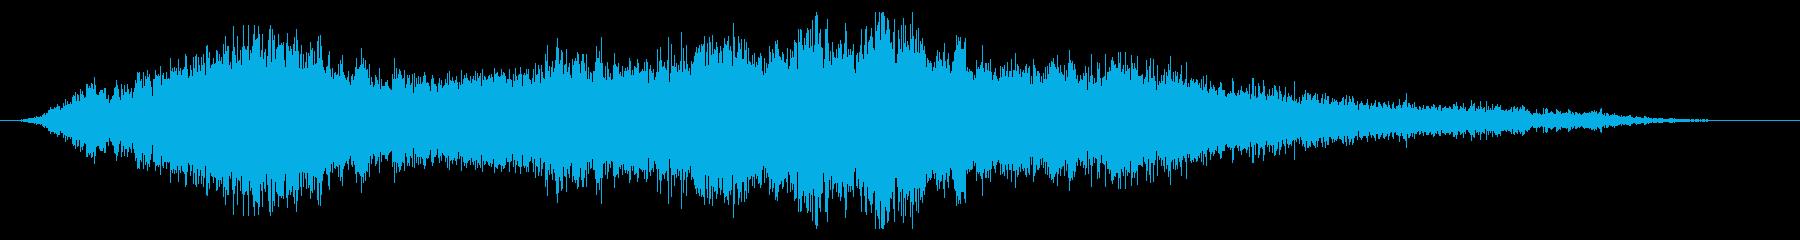 ホラー:レビテートスペルの再生済みの波形